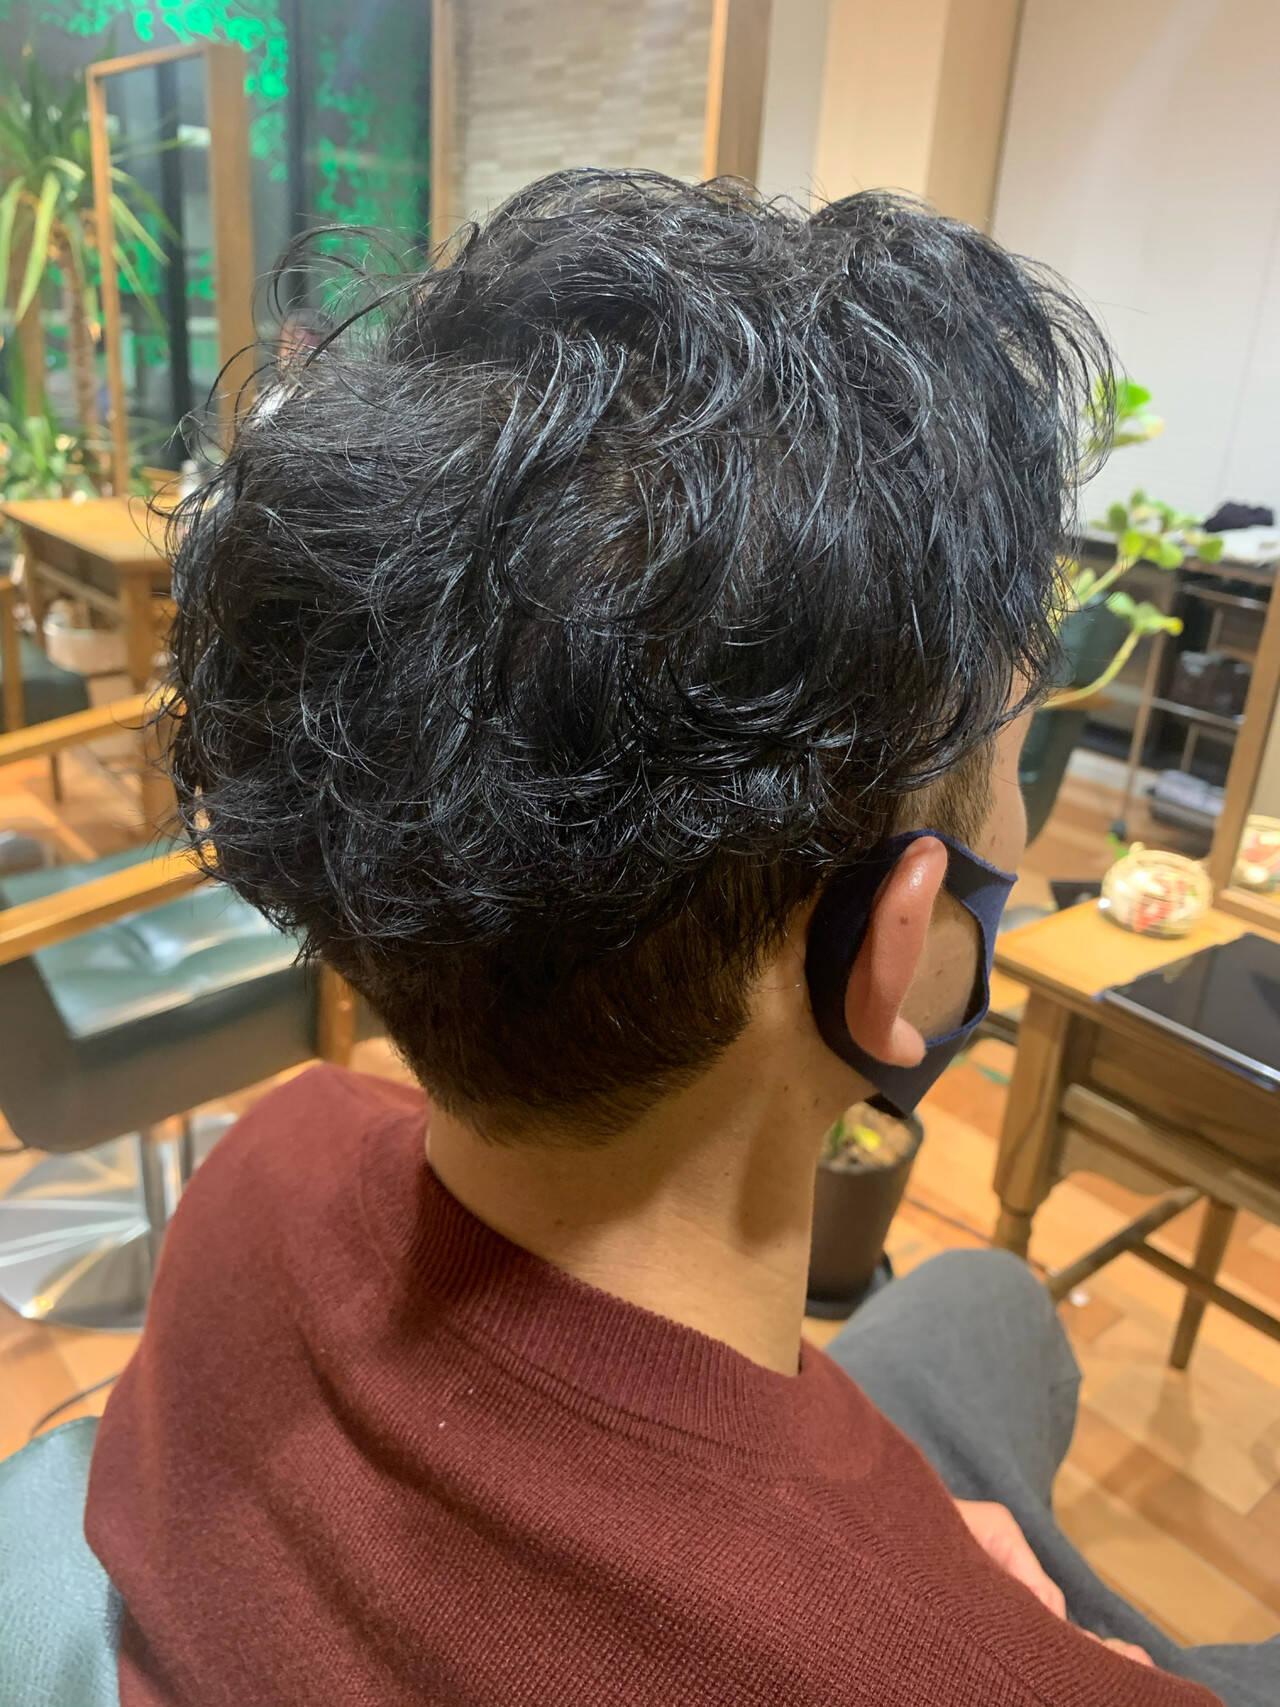 ナチュラル メンズカット ツーブロック 刈り上げヘアスタイルや髪型の写真・画像